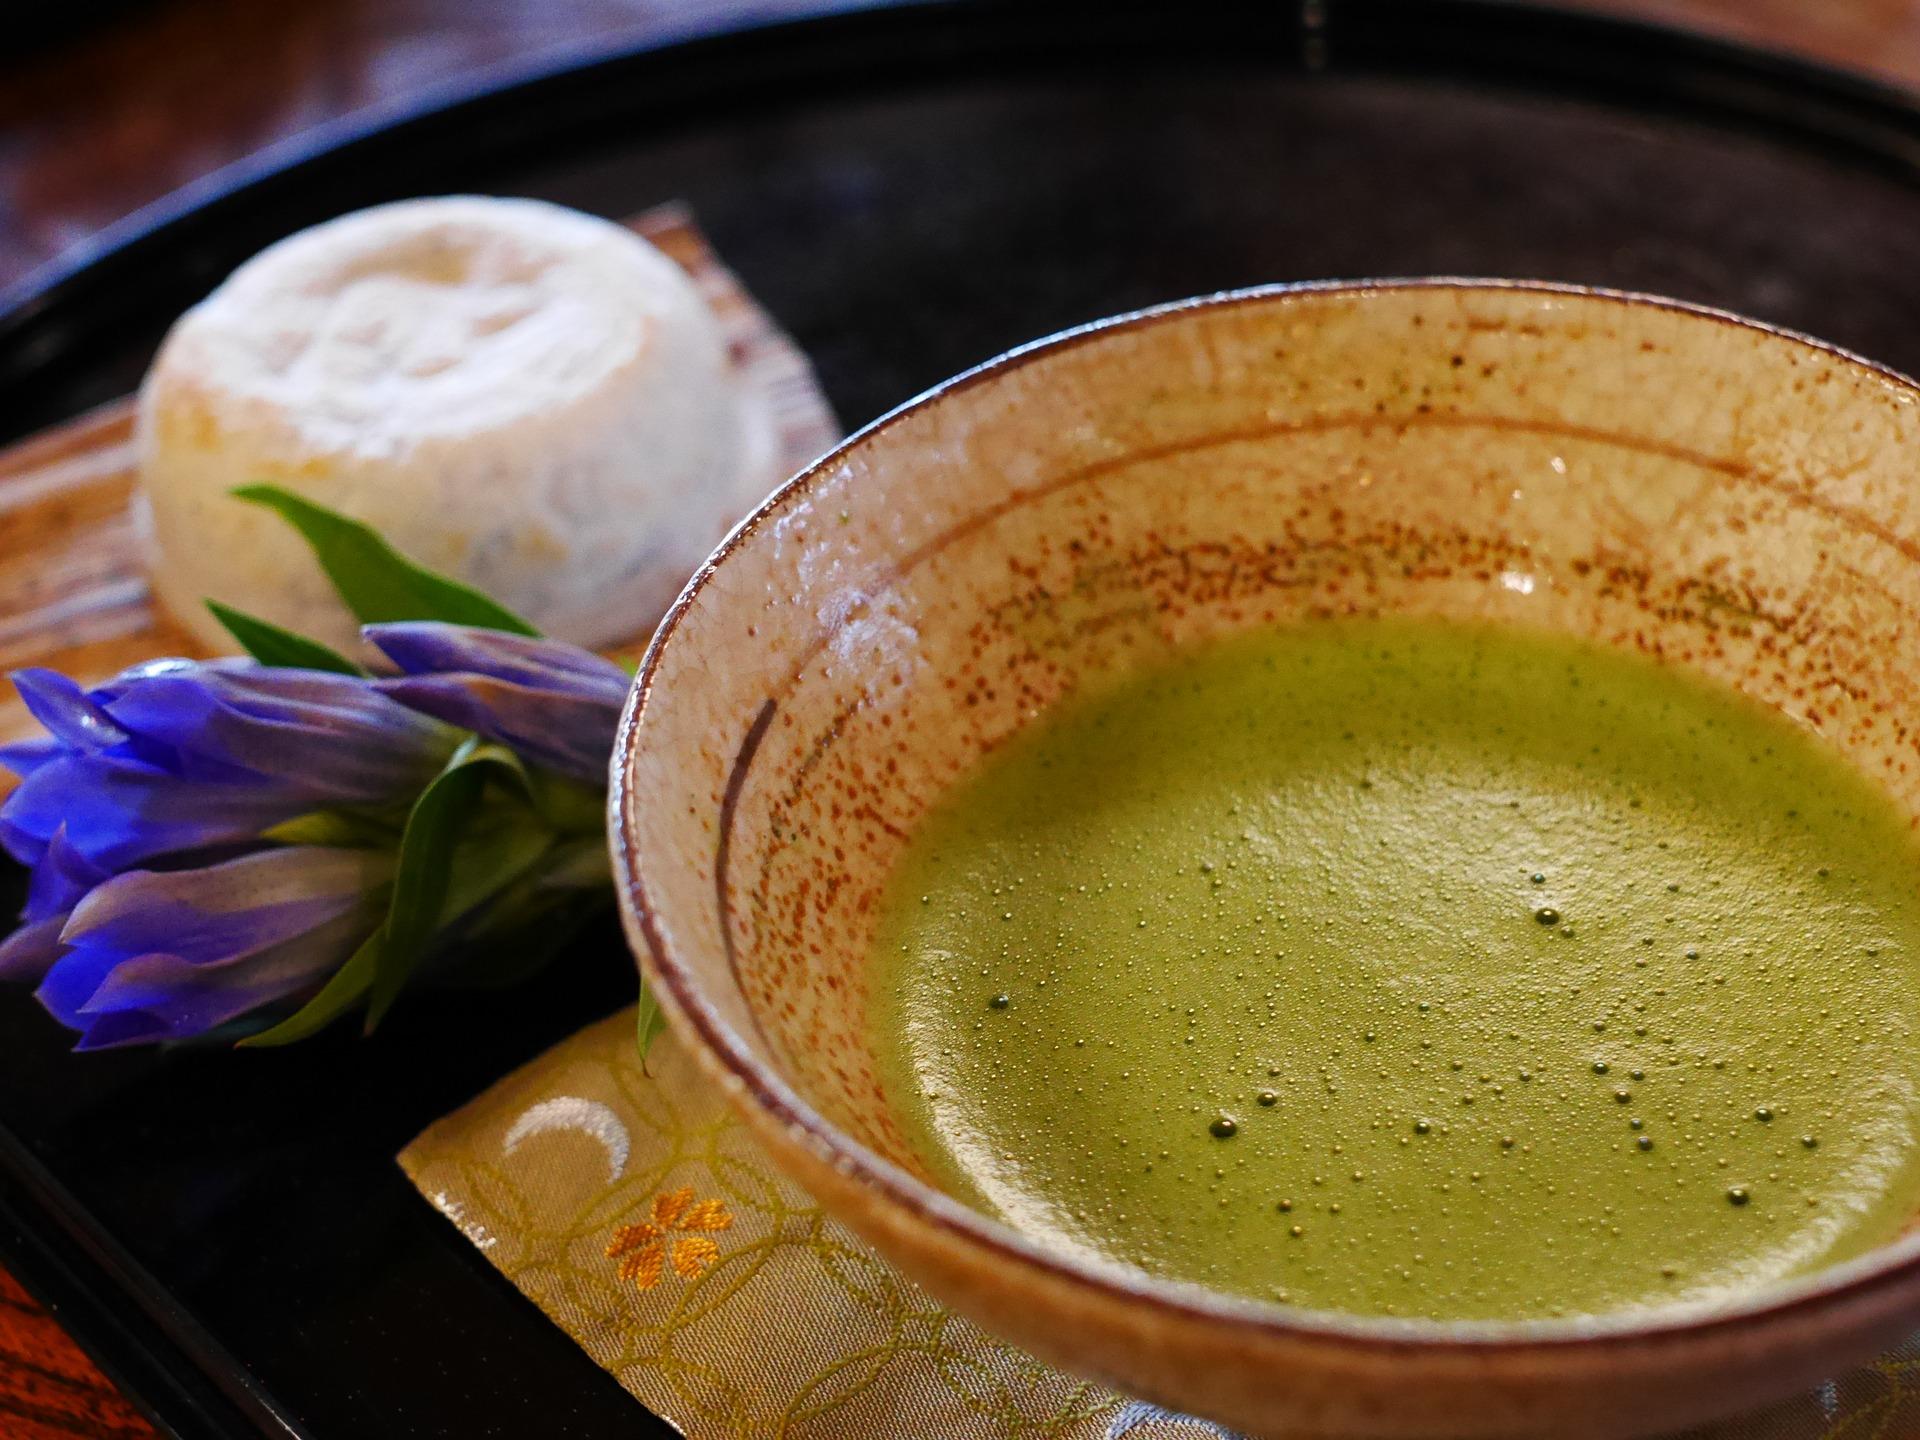 Tè matcha, i 5 benefici della preziosa bevanda giapponese